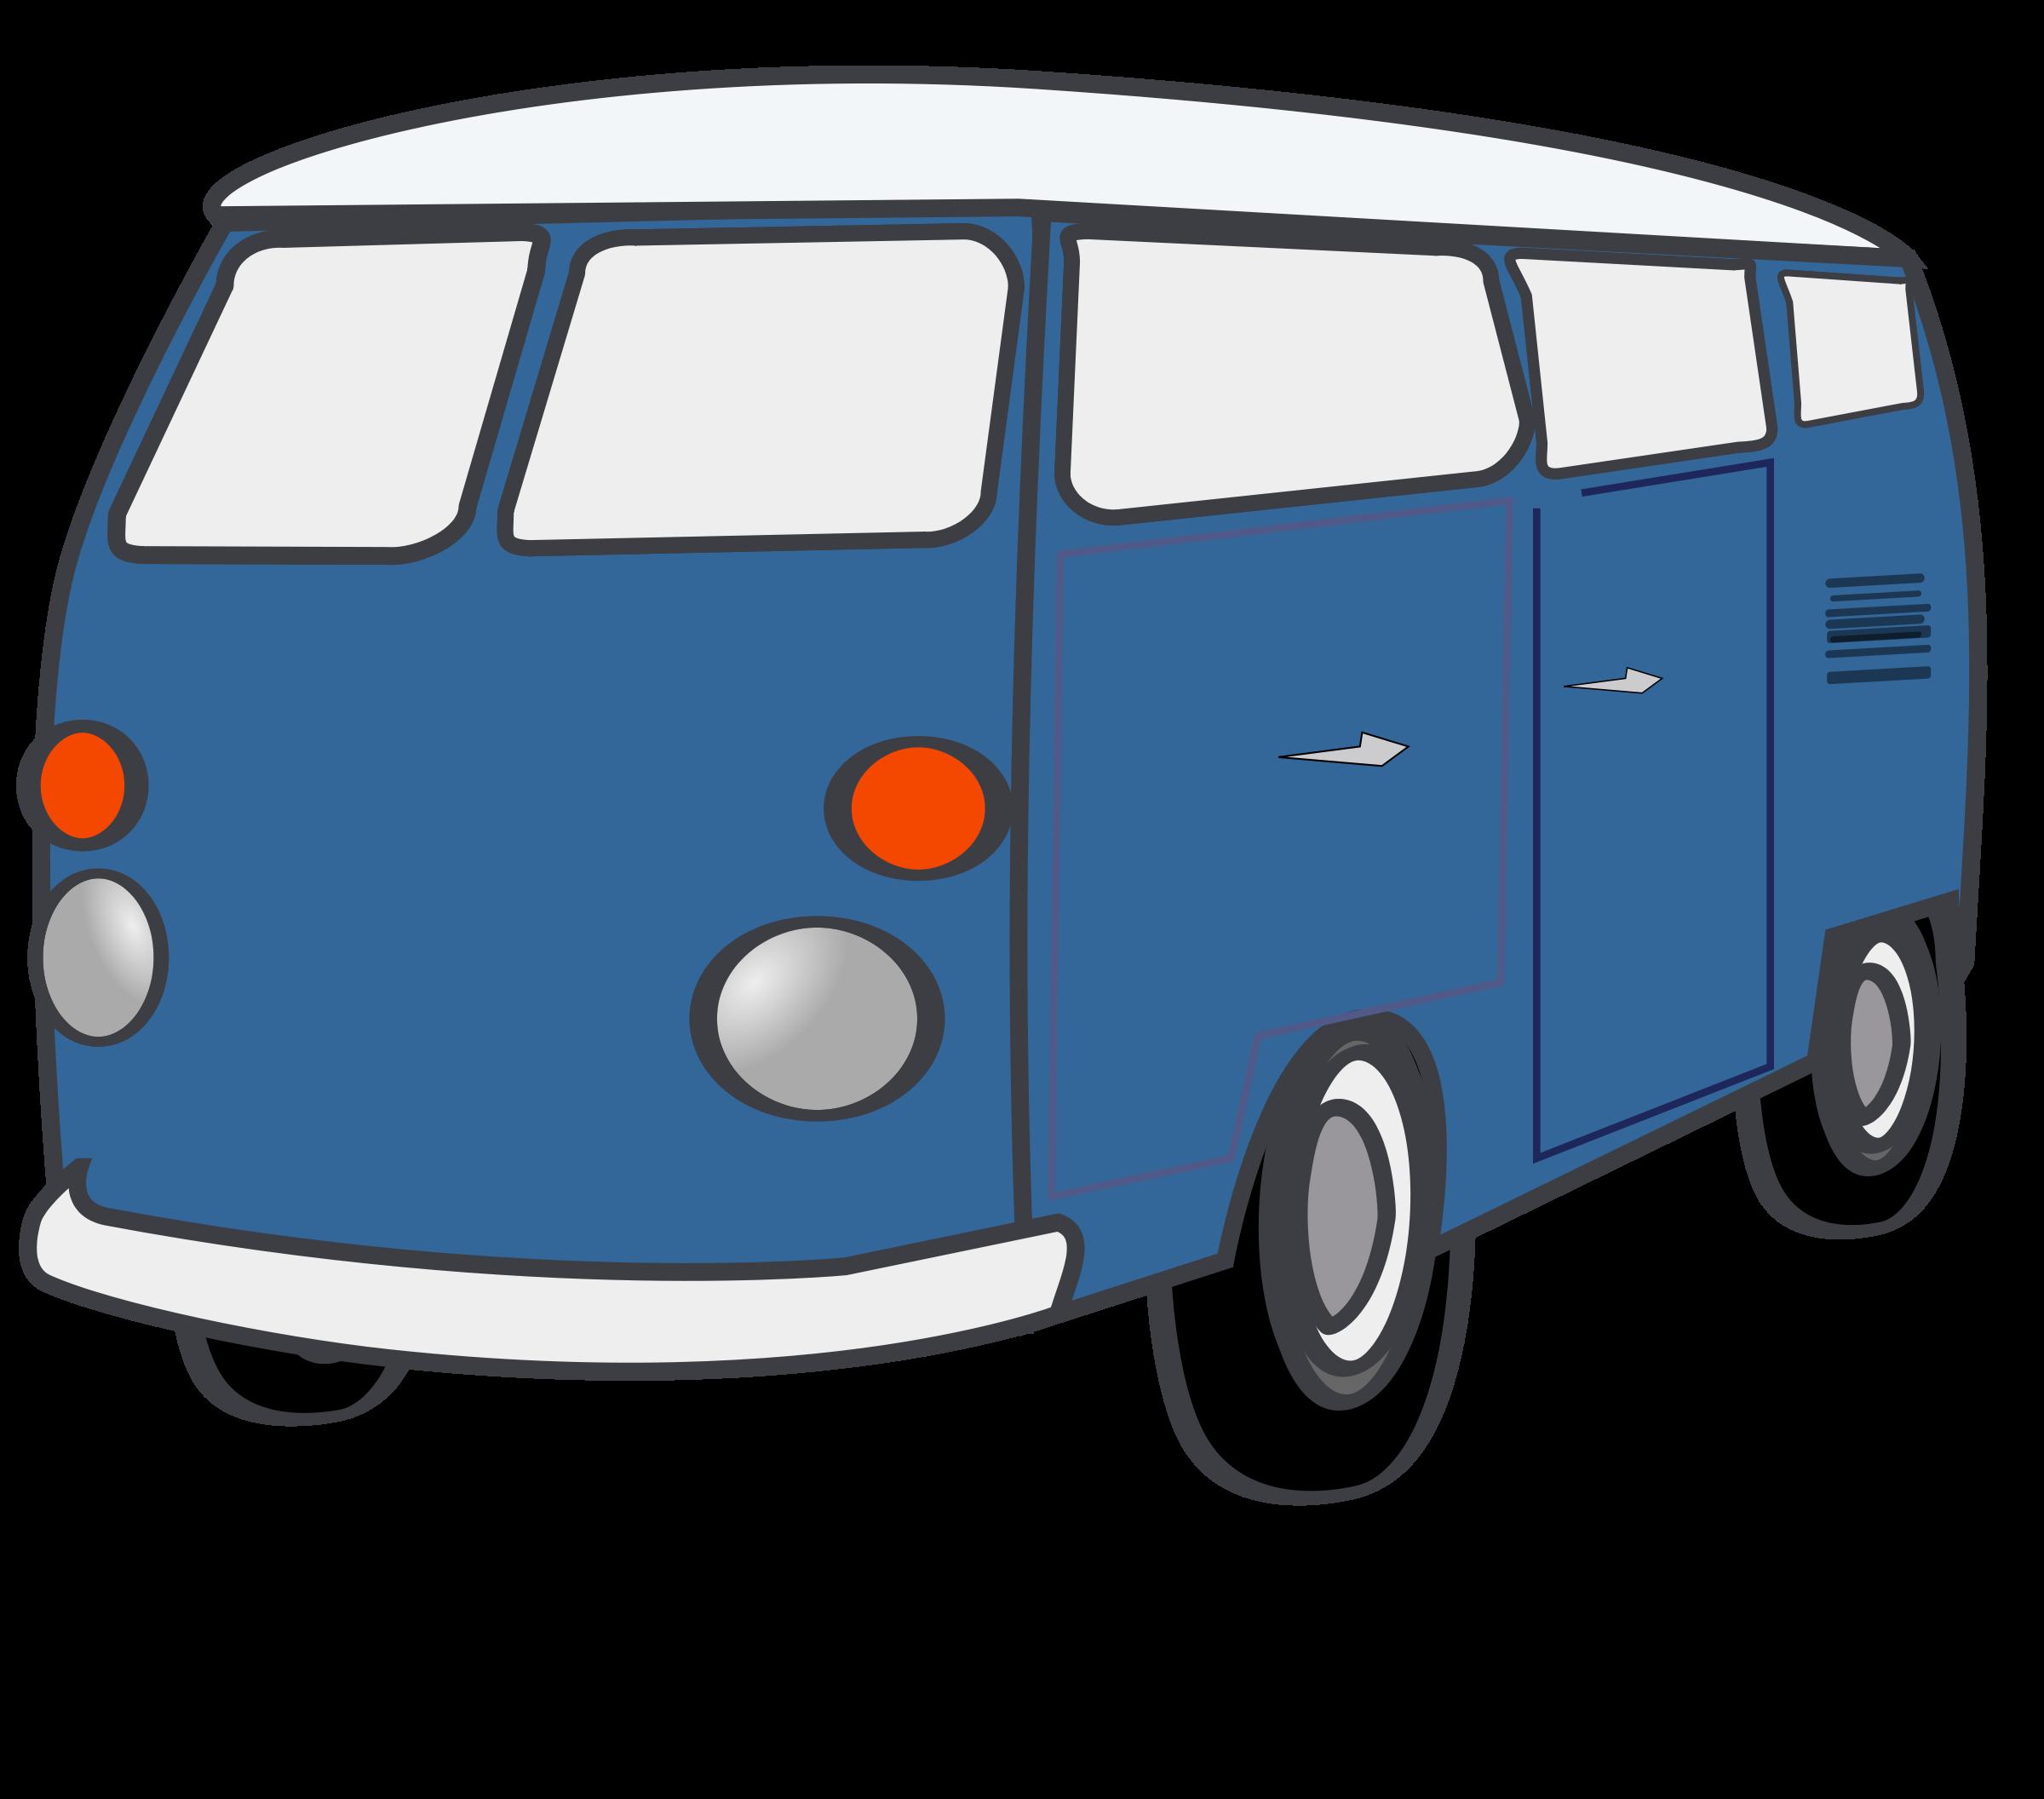 Van Clipart-van clipart-14